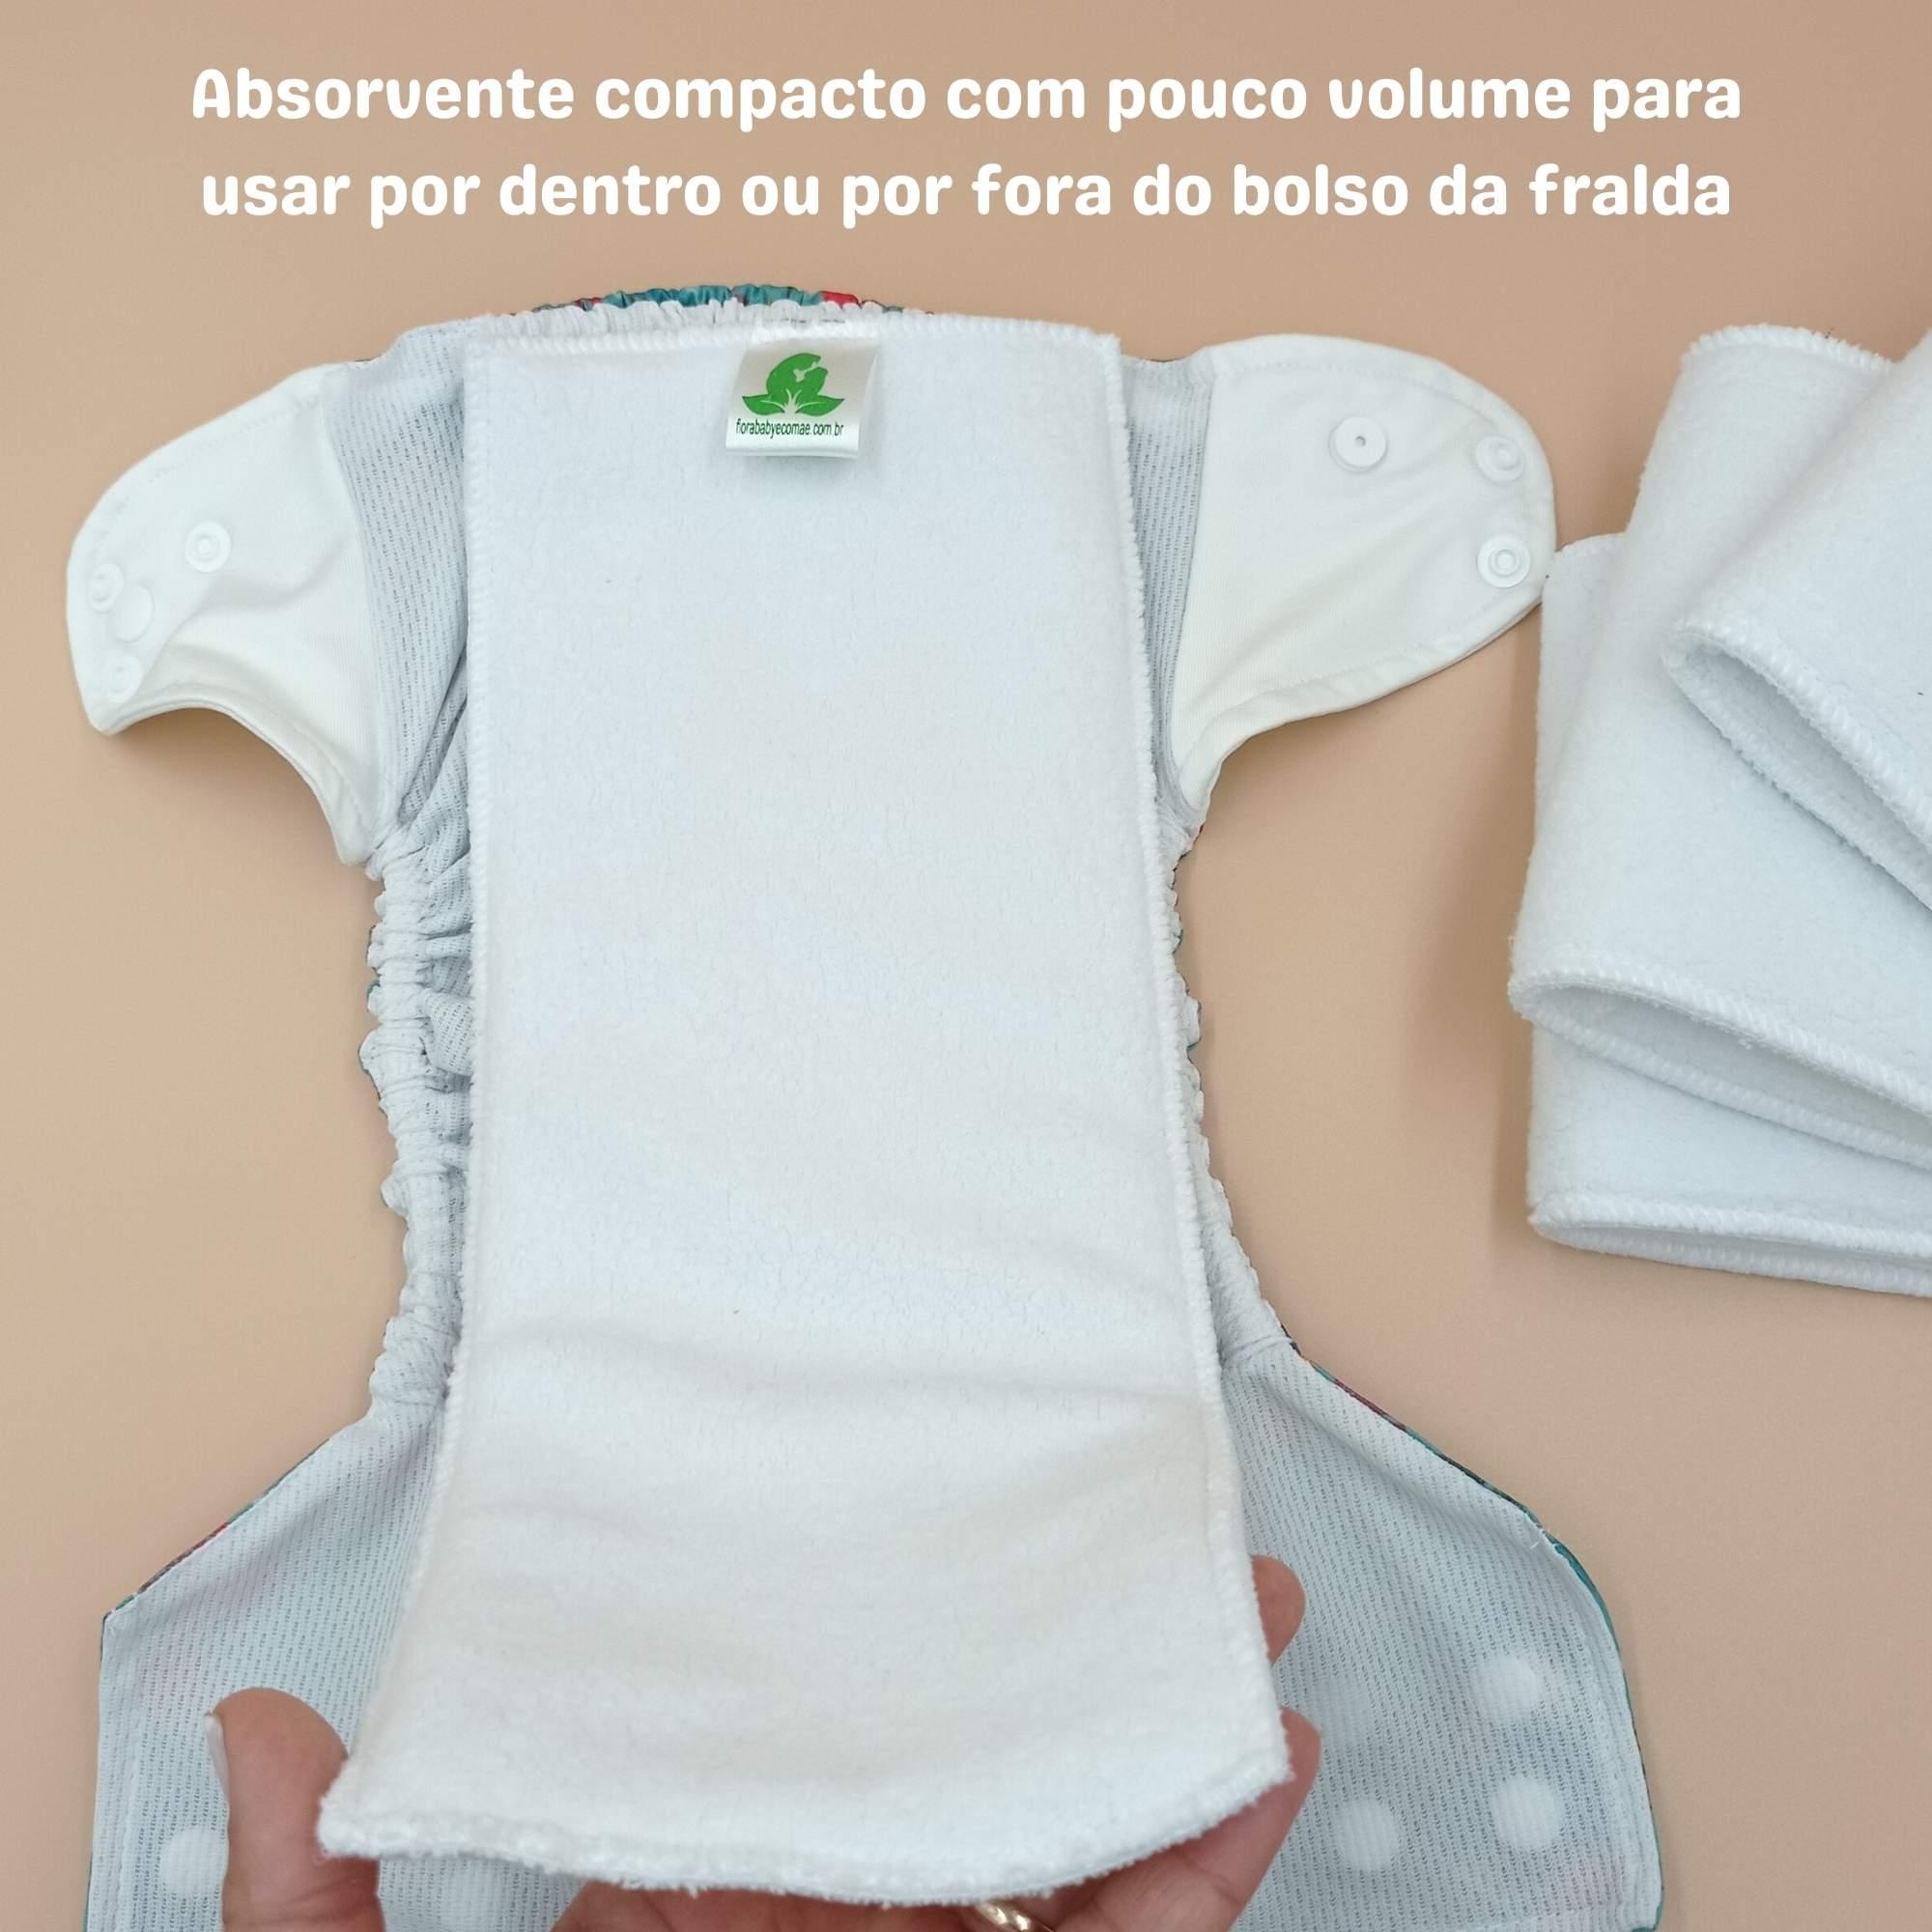 Absorventes Faixa 4 camadas em Meltom para Fralda Ecológica